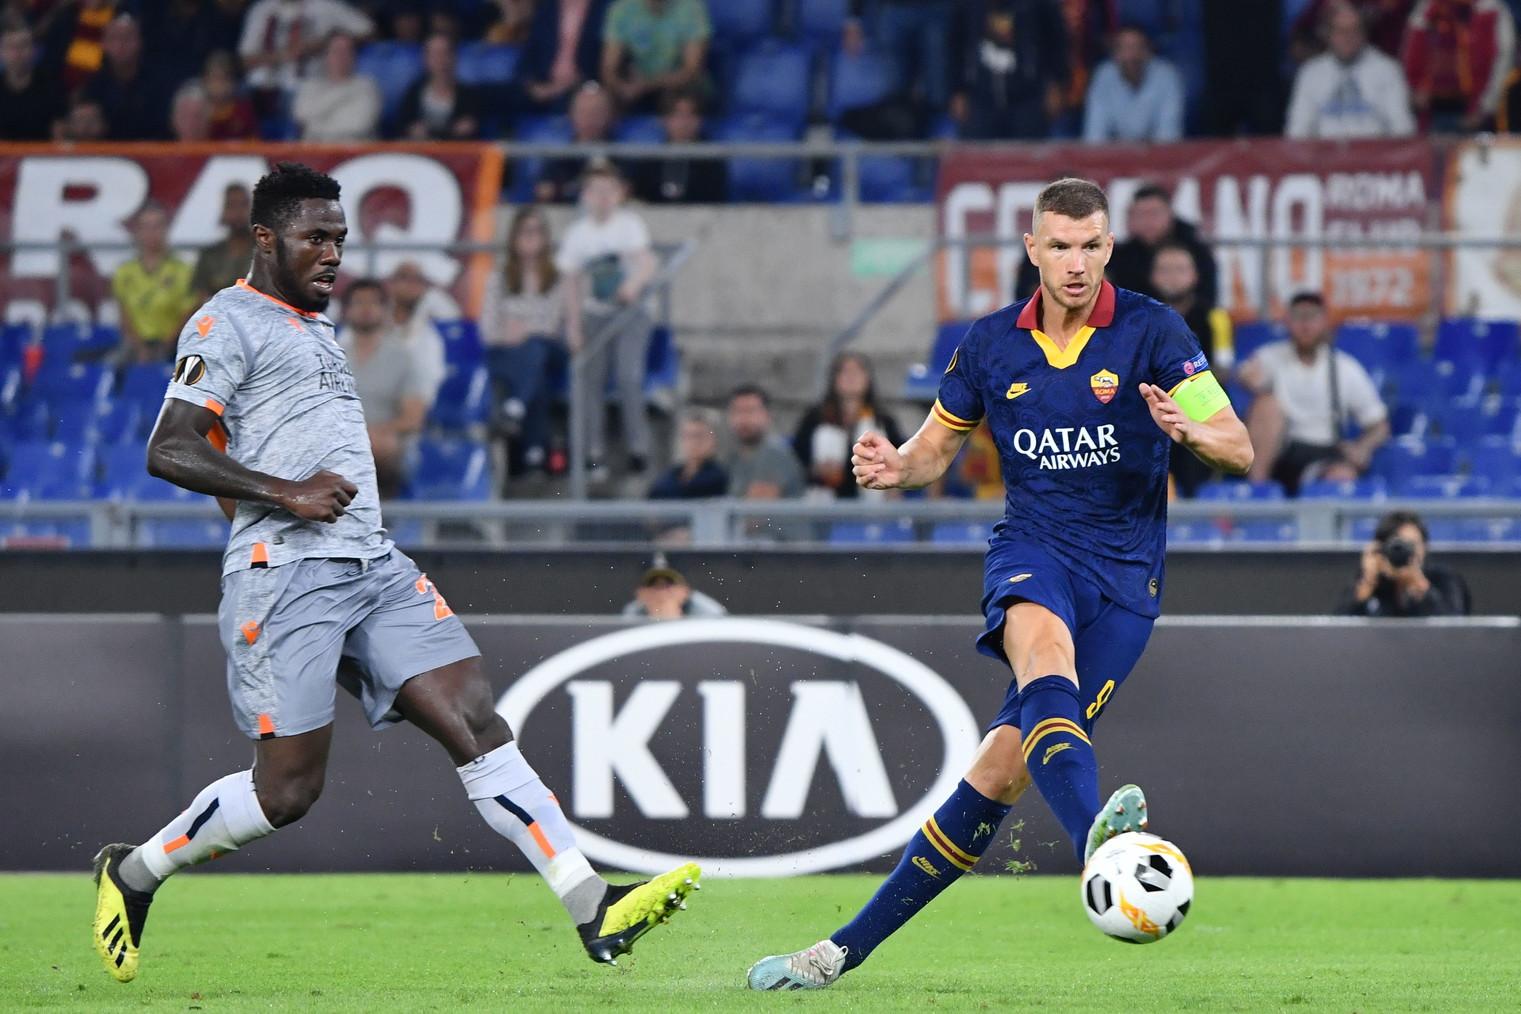 Nella prima giornata del gruppo J di Europa League, la Roma batte 4-0 l'Istanbul Basaksehir e comincia nel migliore dei modi l'avventura europ...